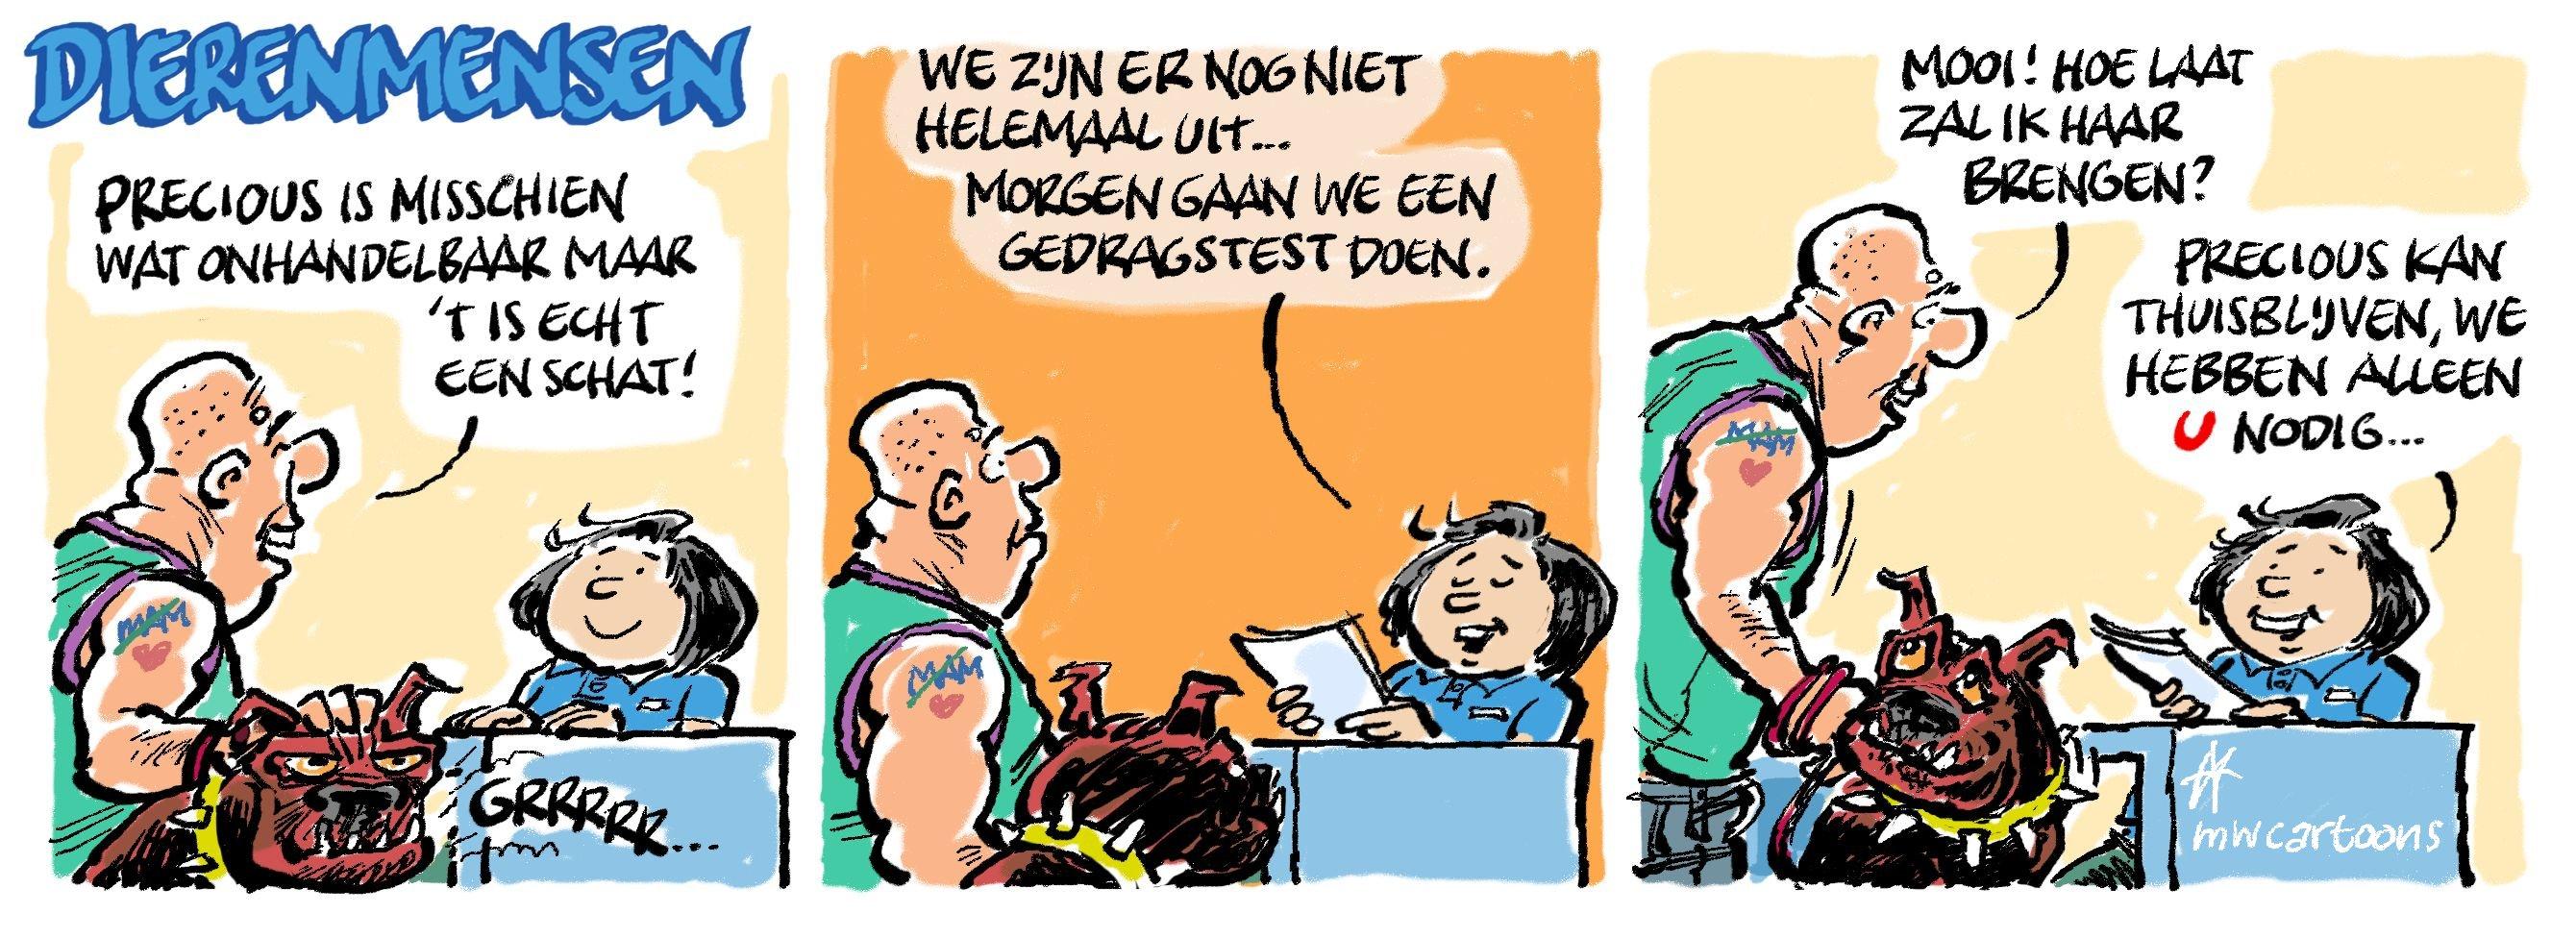 Dierenmensen Zomer 2018 - Maarten Wolterink